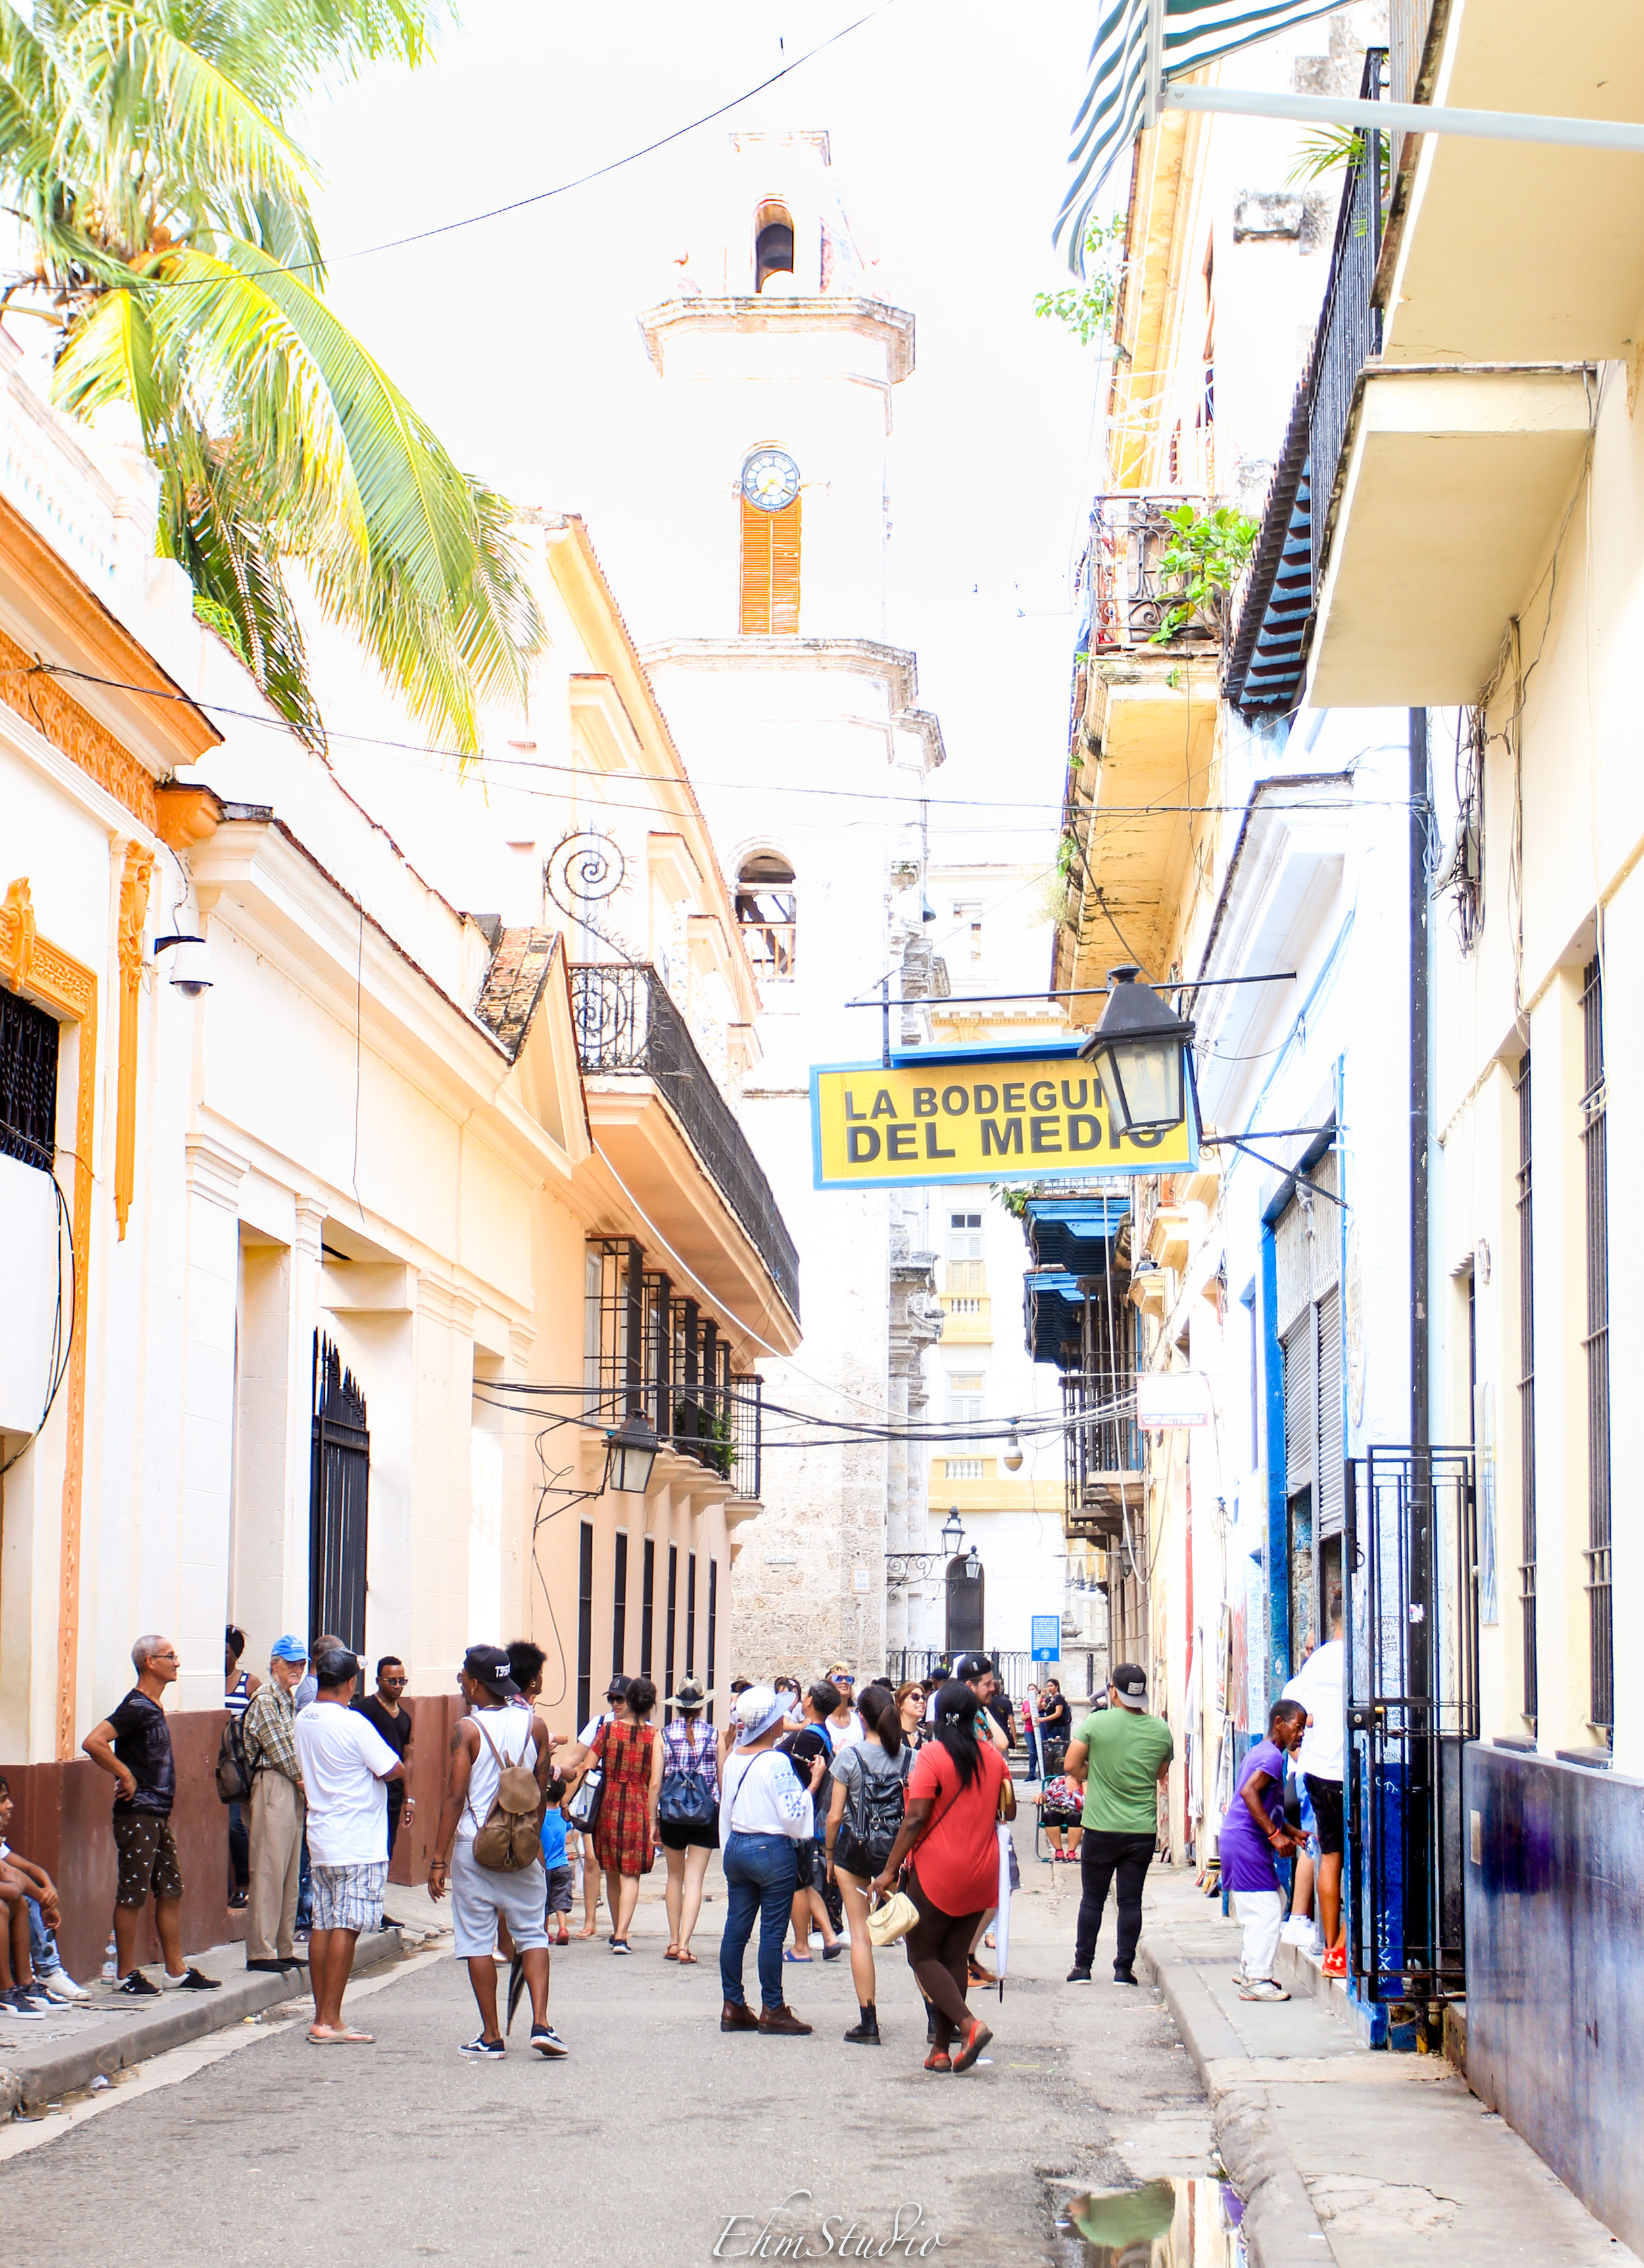 Cuba2018Edits.jpg